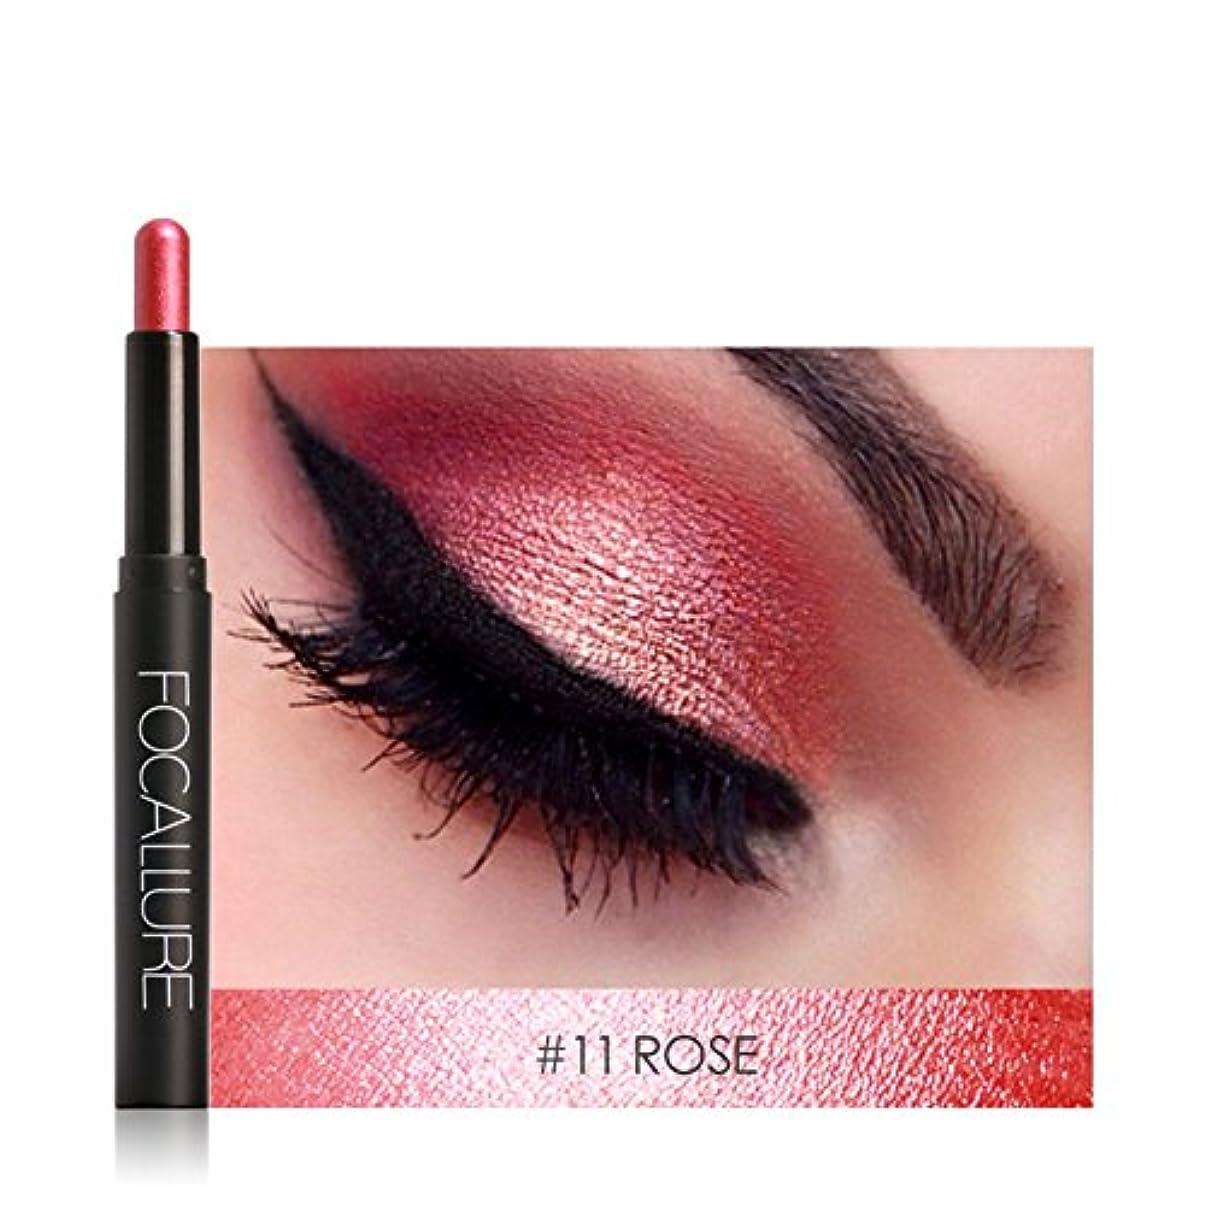 犯罪パキスタン熱帯のアイシャドウペン、12色アイシャドウペン横たわっているカイコアイライナースティック化粧品化粧品(#11)